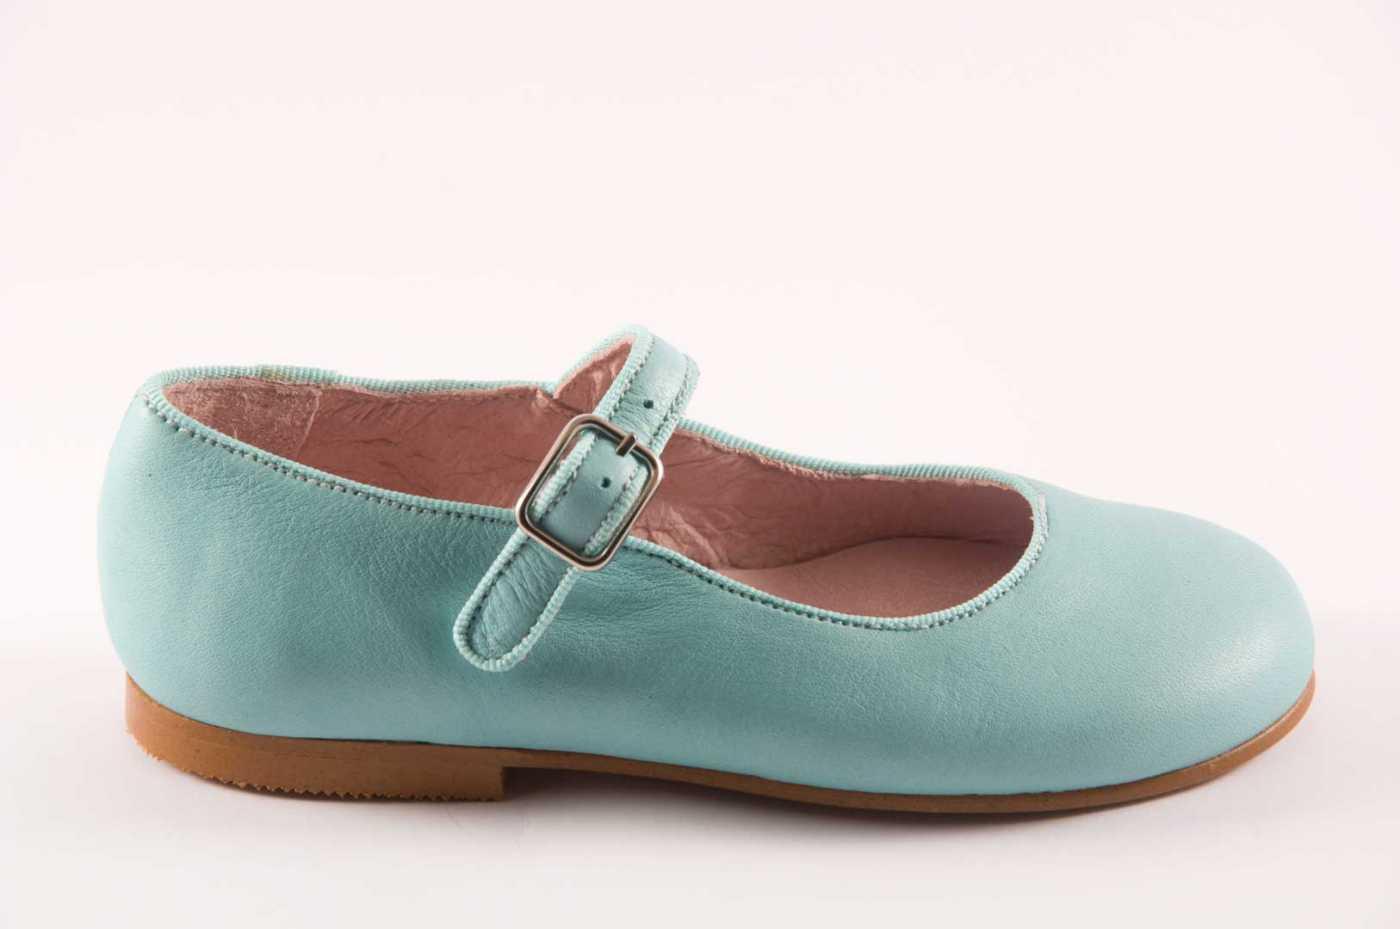 7c6b5bb1 Comprar zapato tipo JOVEN NIÑA estilo MERCEDES COLOR VERDE PIEL ...